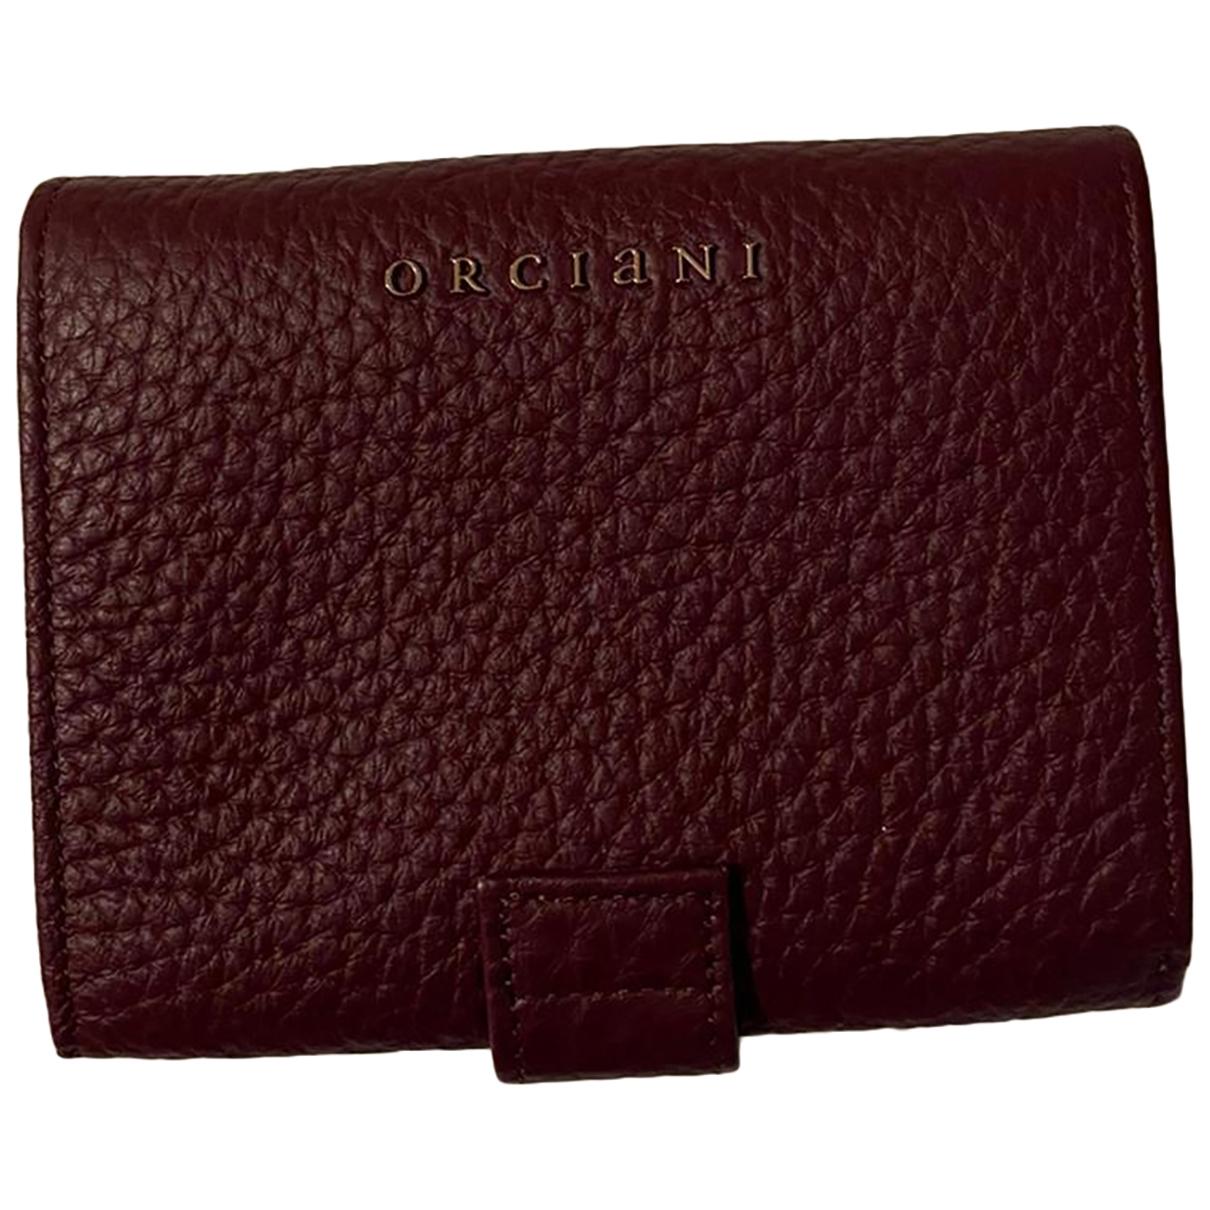 Orciani - Portefeuille   pour femme en cuir - bordeaux